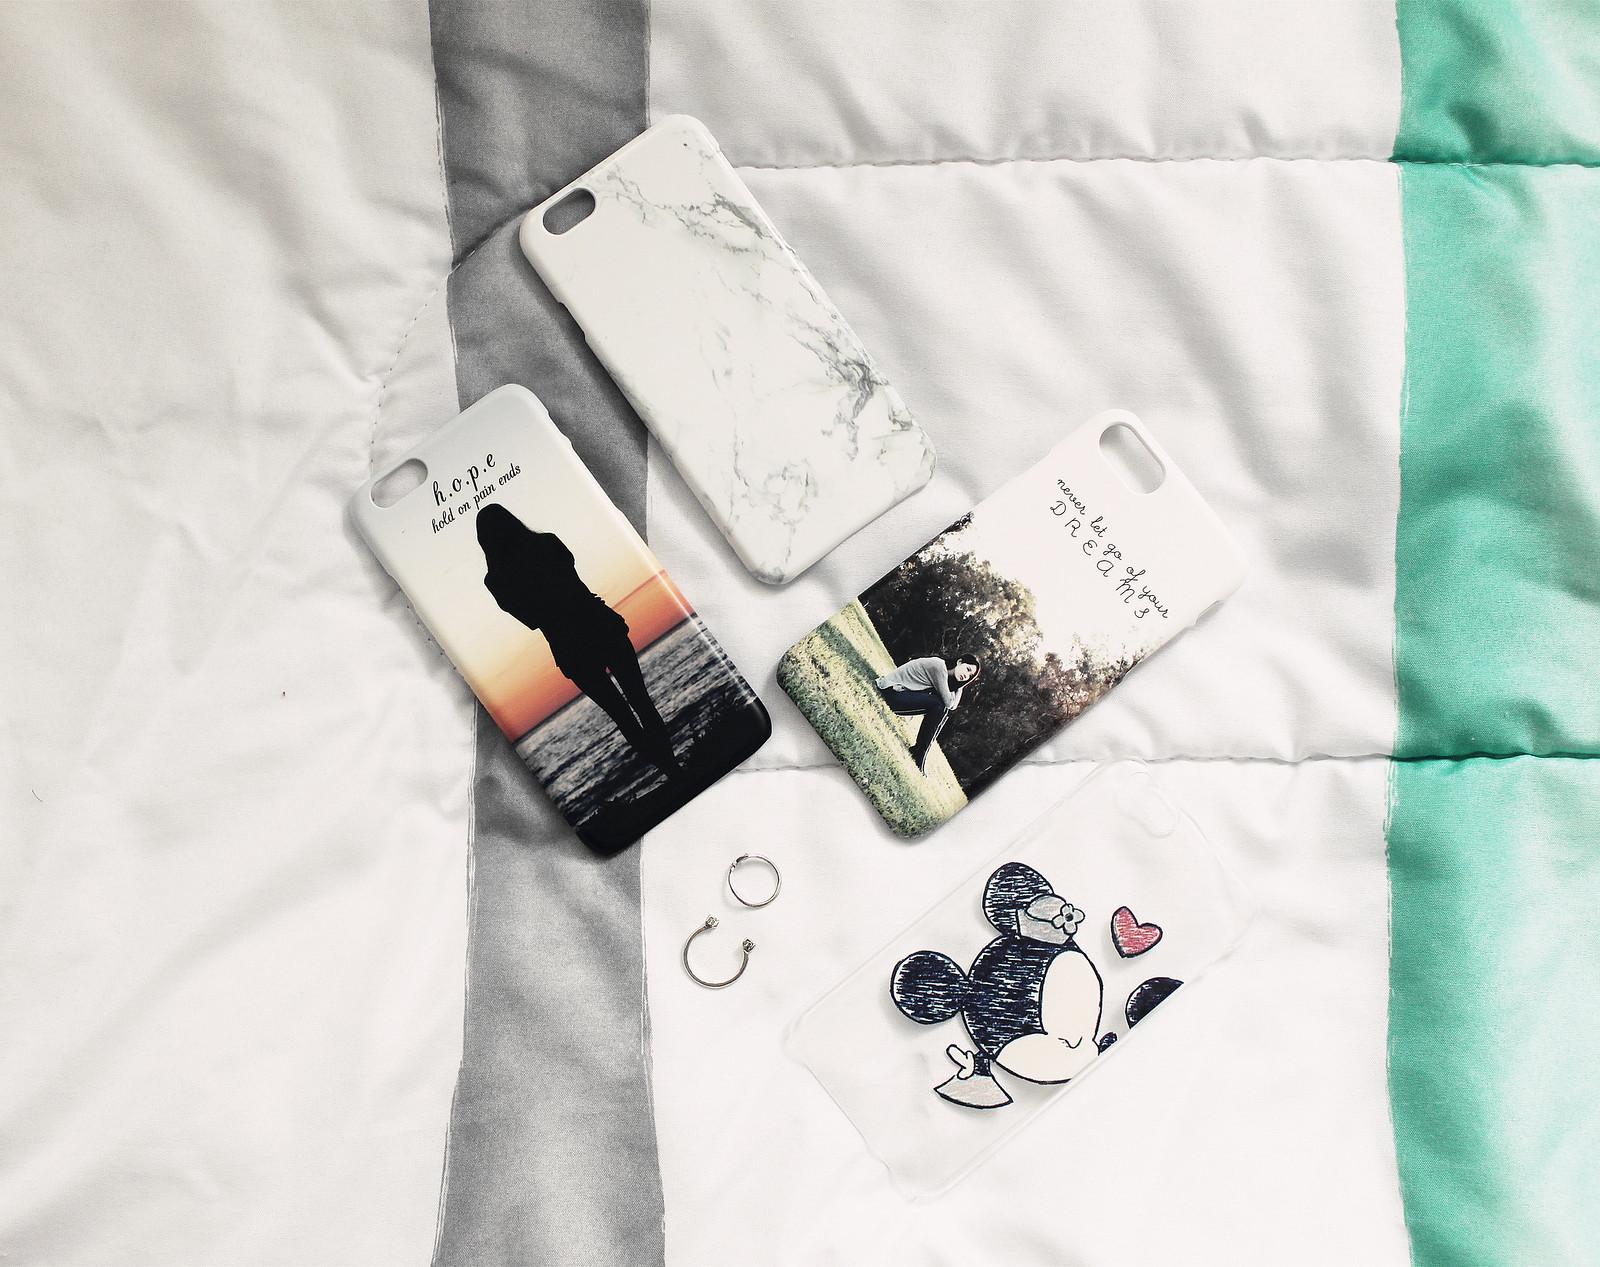 3181-caseapp-custom-phonecase-iphone-minimalistic-lifestyle-flatlay-clothestoyouuu-elizabeeetht